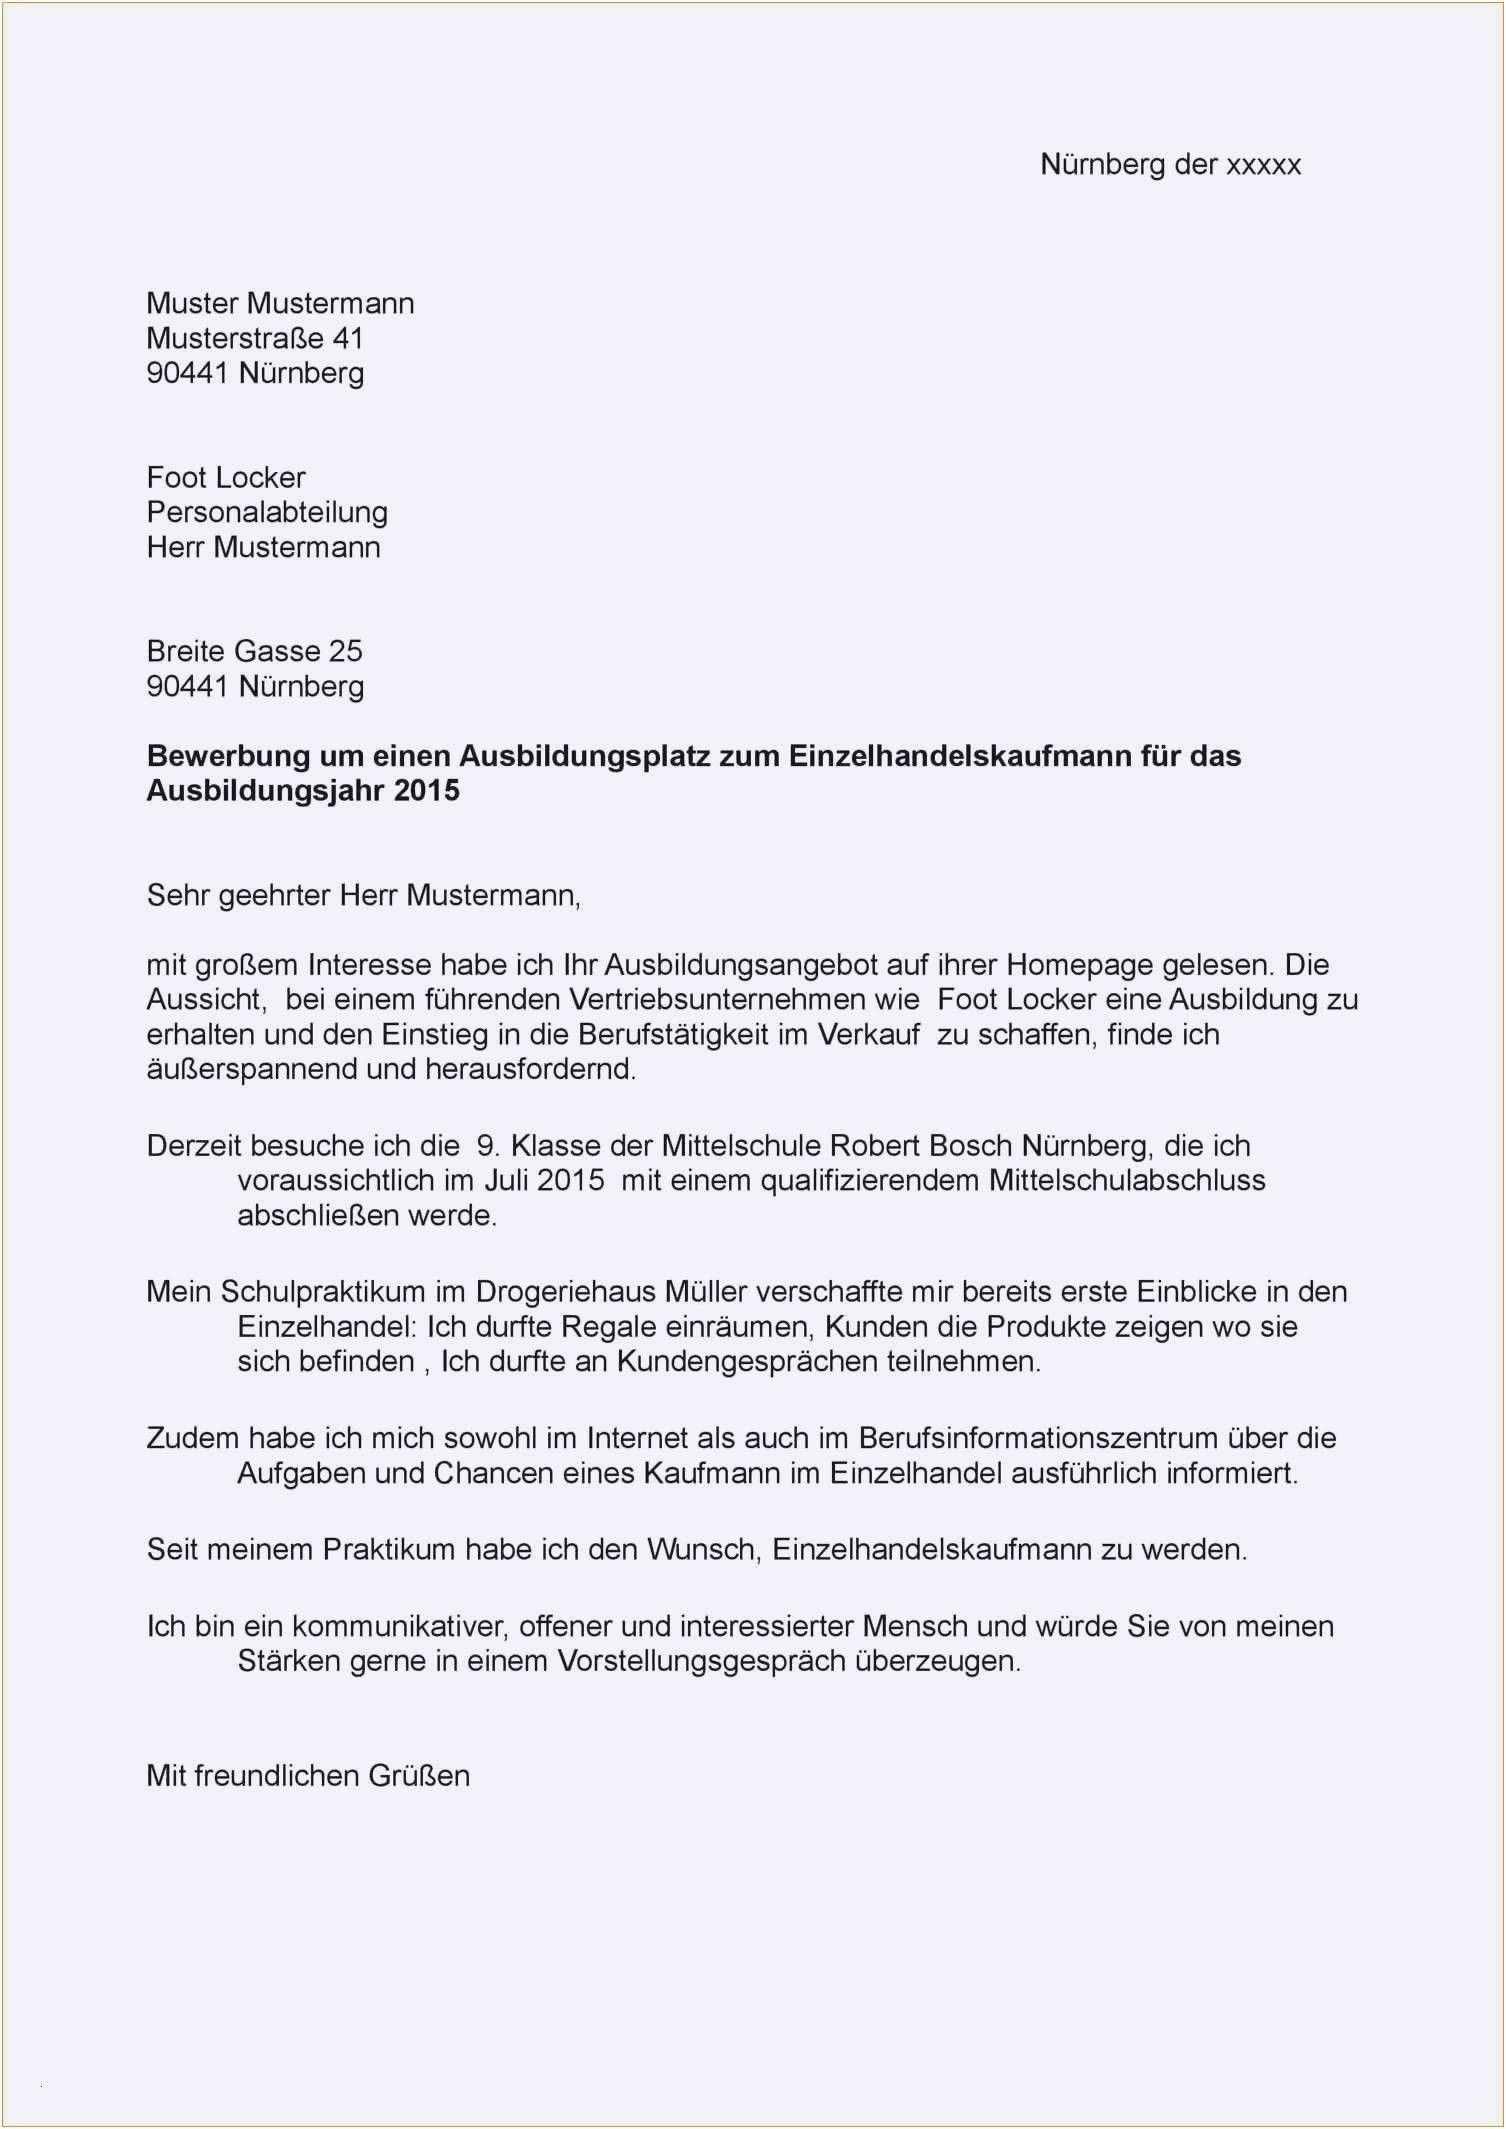 Pin Von Kheddyz Auf 2020 In 2020 Lebenslauf Bewerbungsschreiben